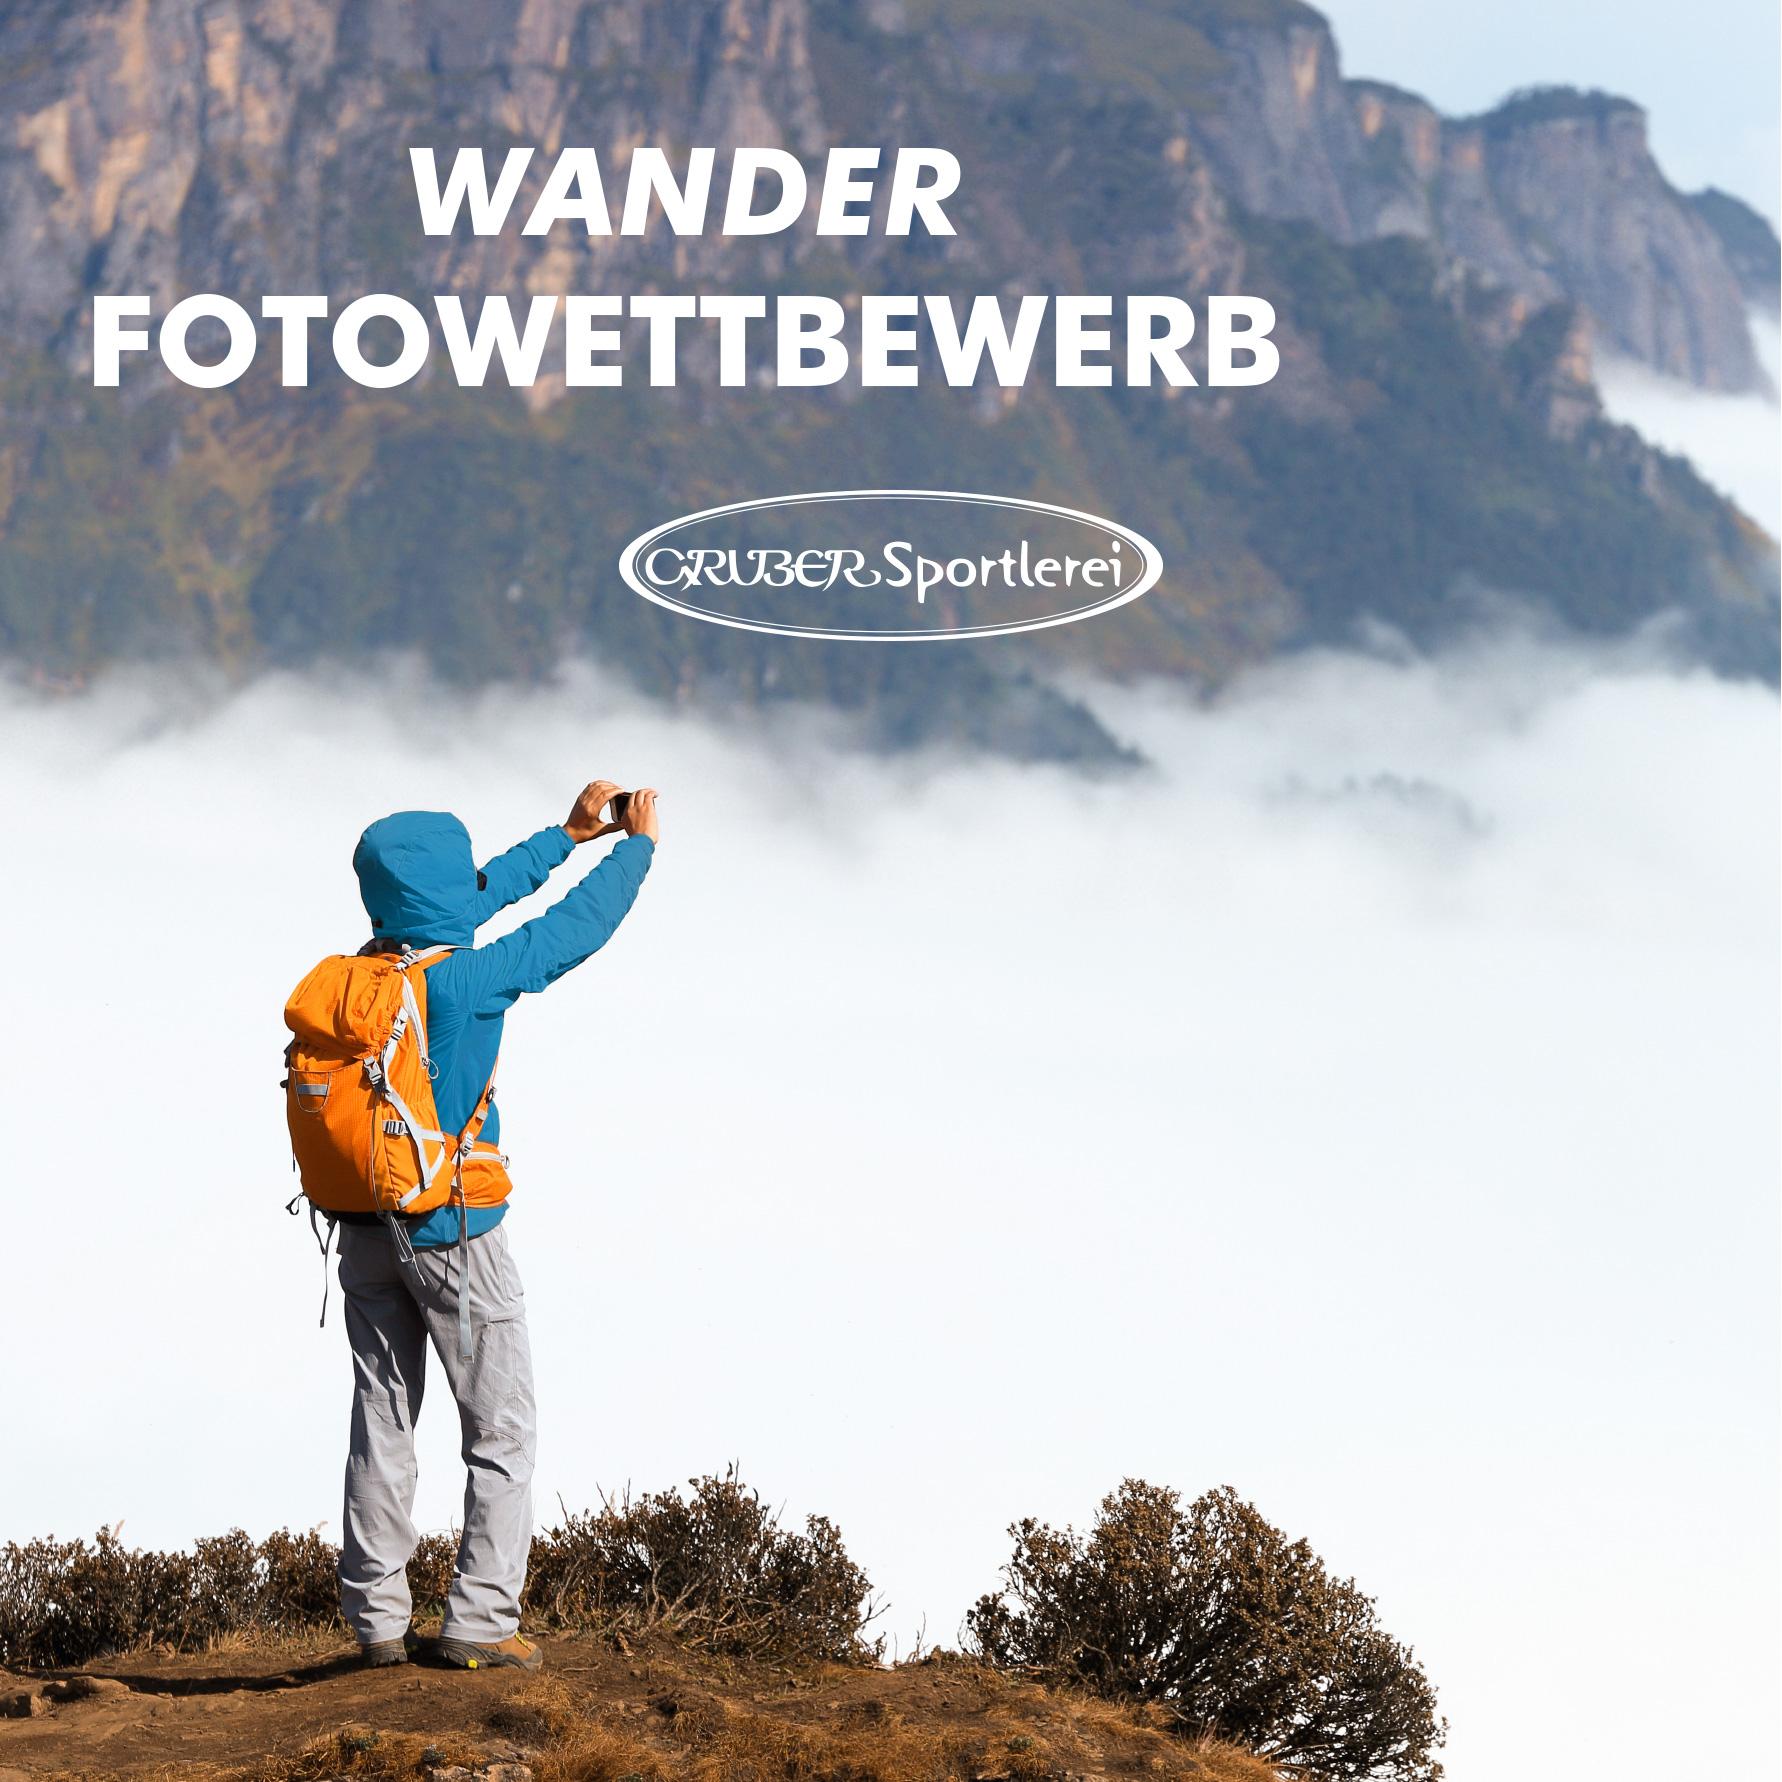 Bergsport Fotowettbewerb Mit tollen Gewinnen von Maier Sports & Co.